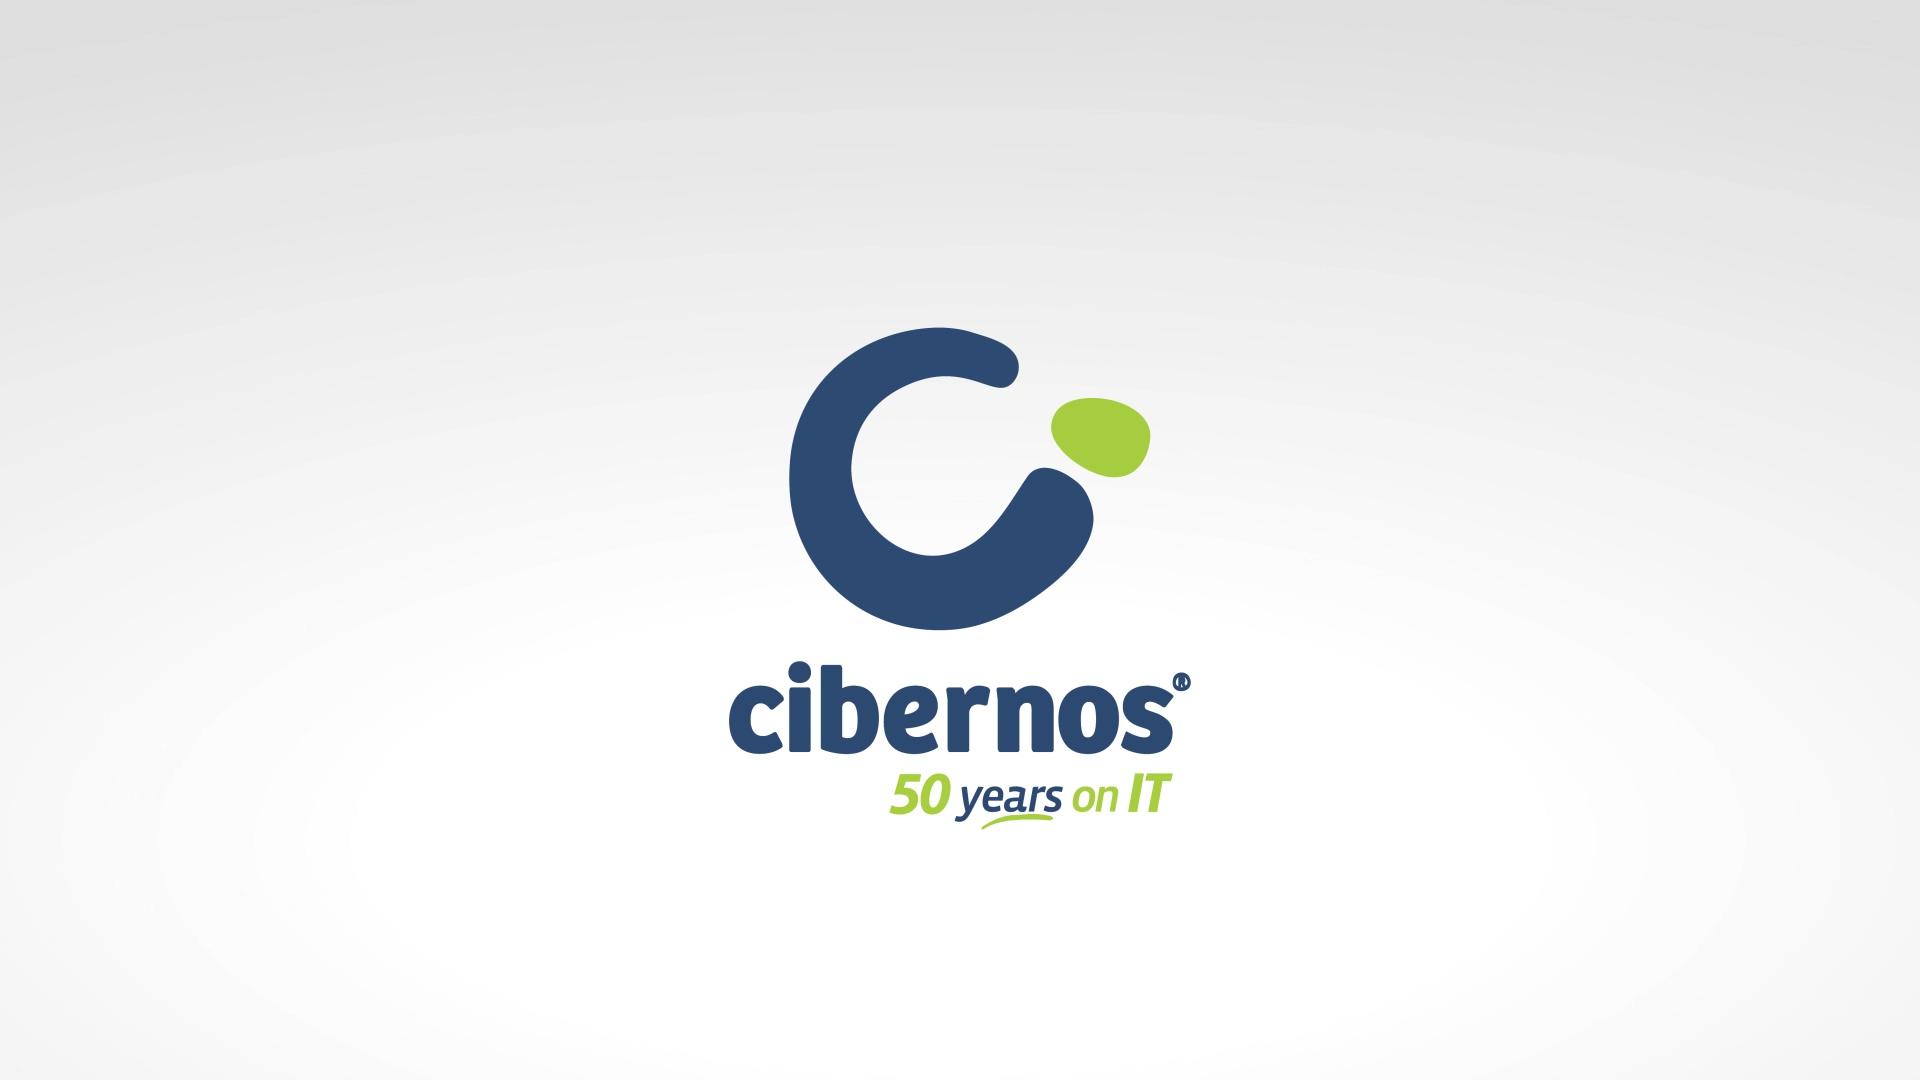 VIDEO3_cibernos_v2